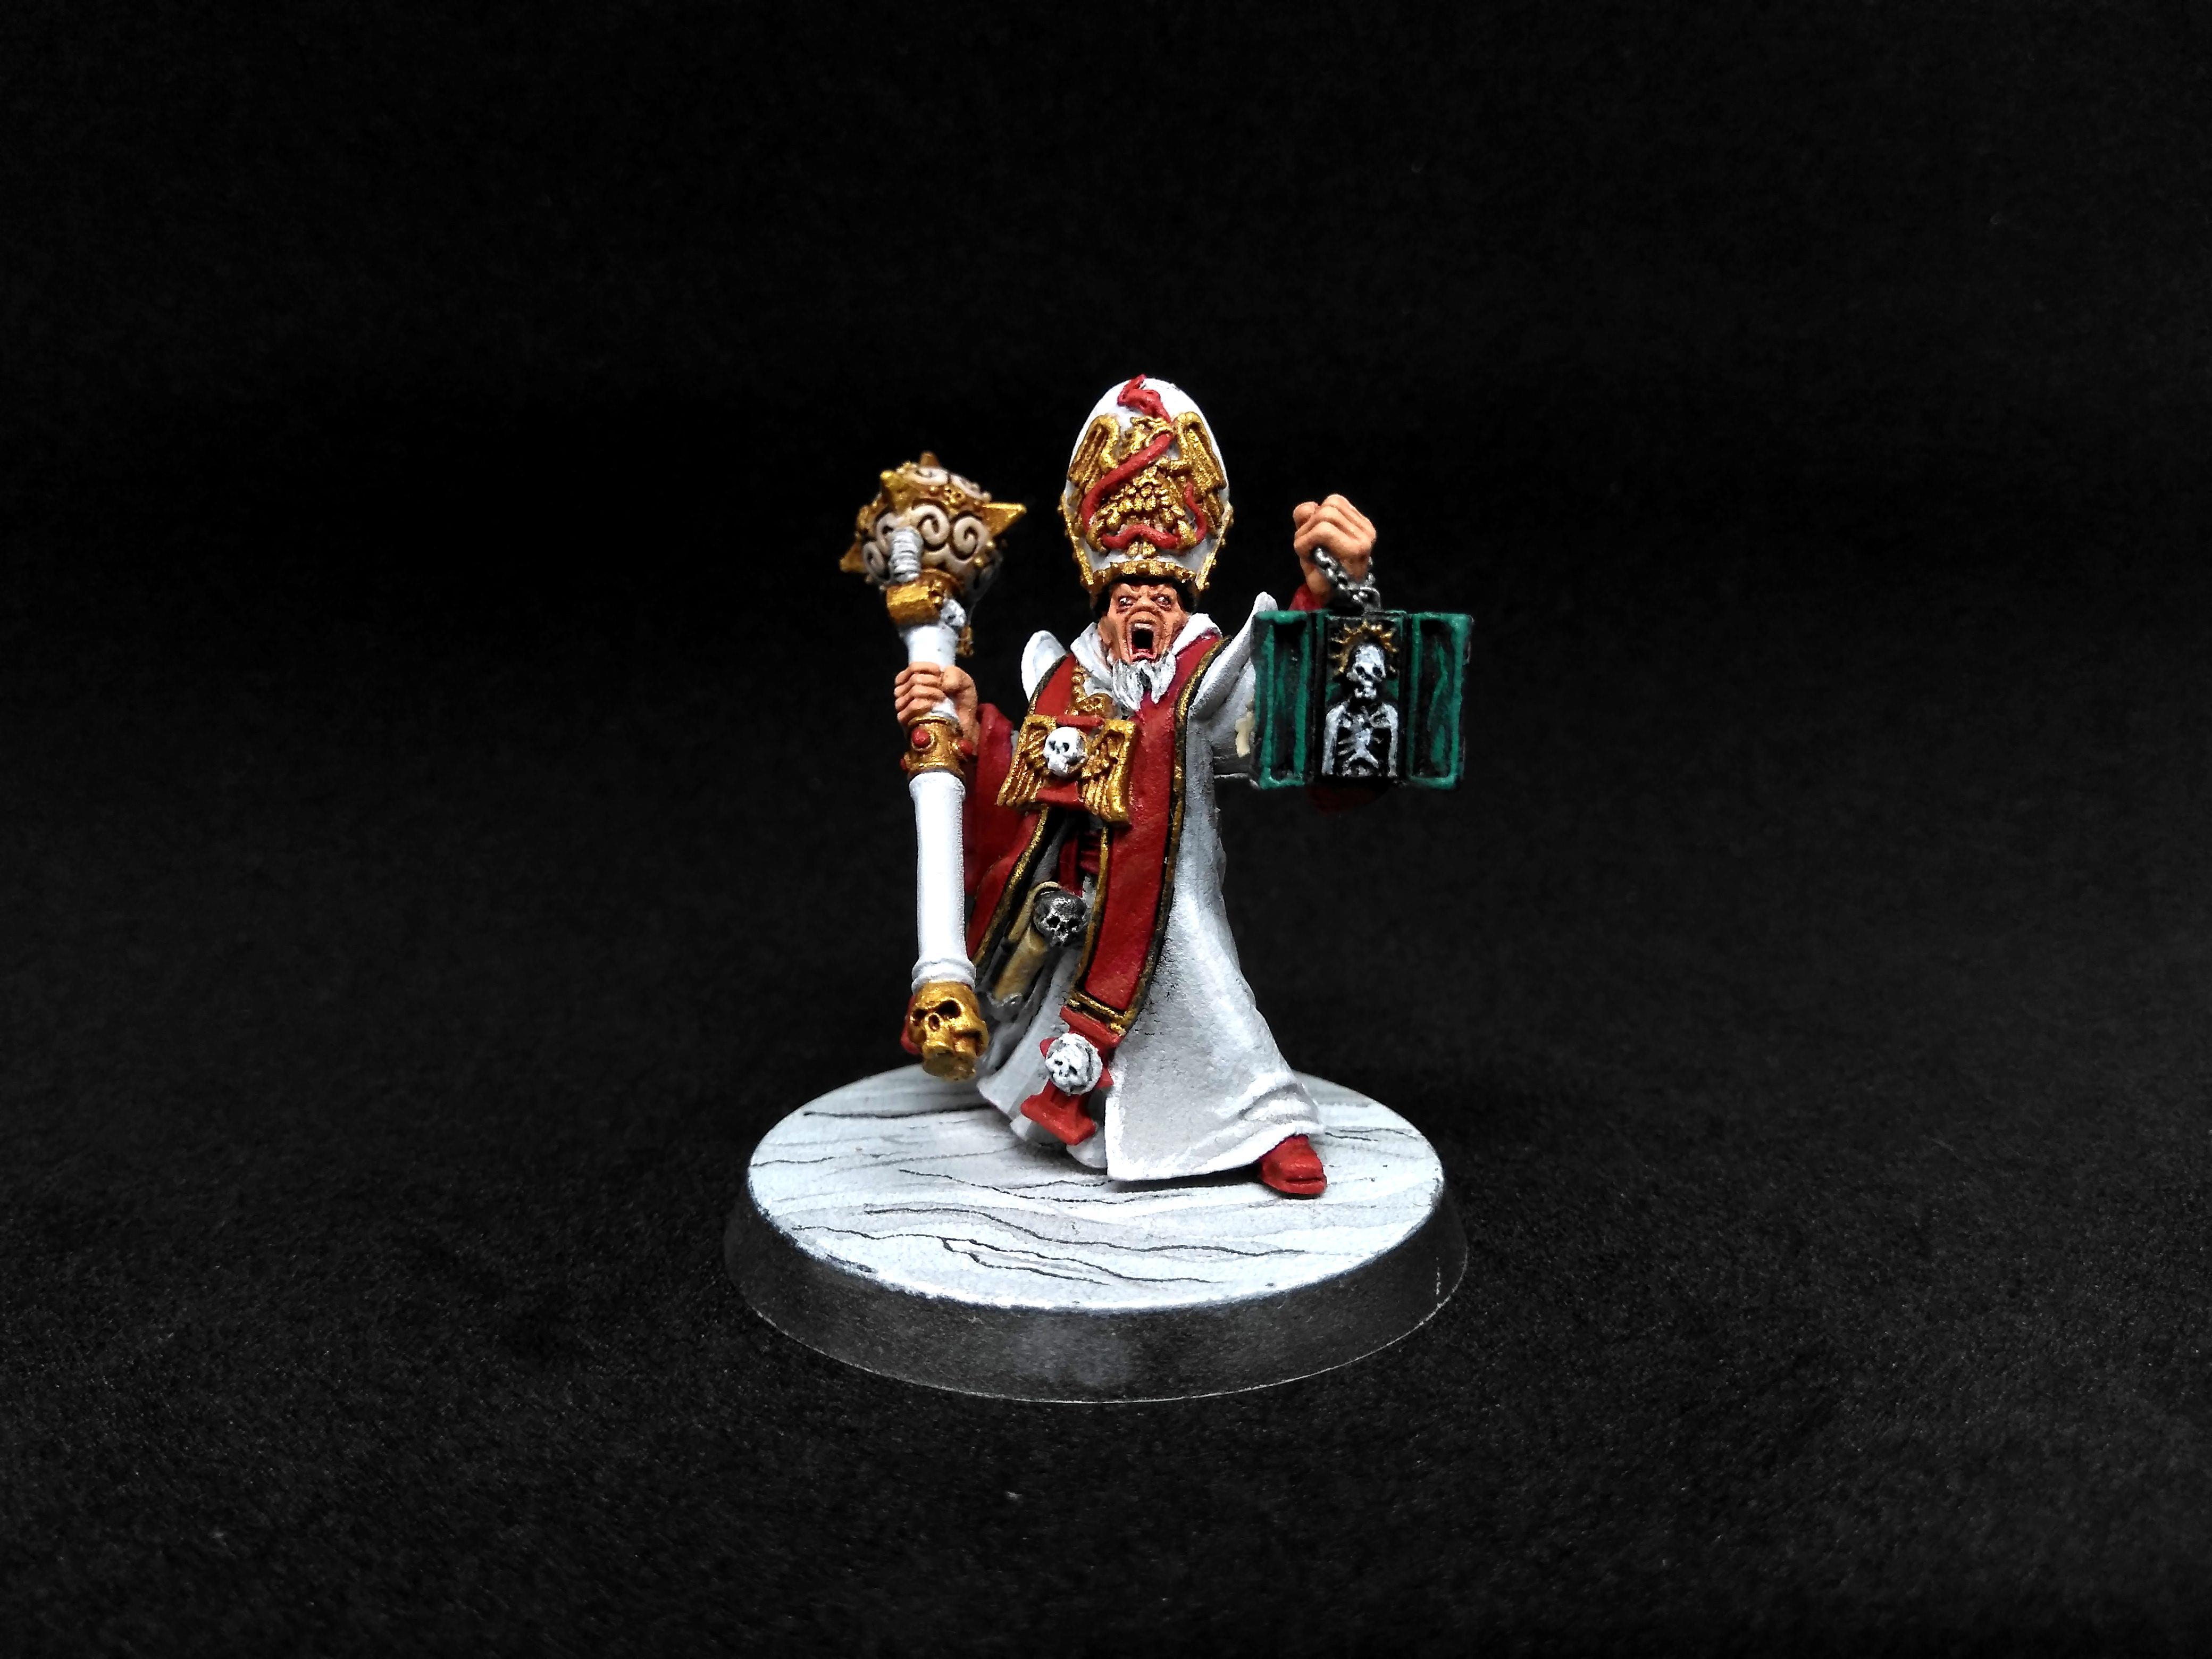 Confessor, Imperium, Inquisition, Kyrinov, Warhammer 40,000, Warhammer40000